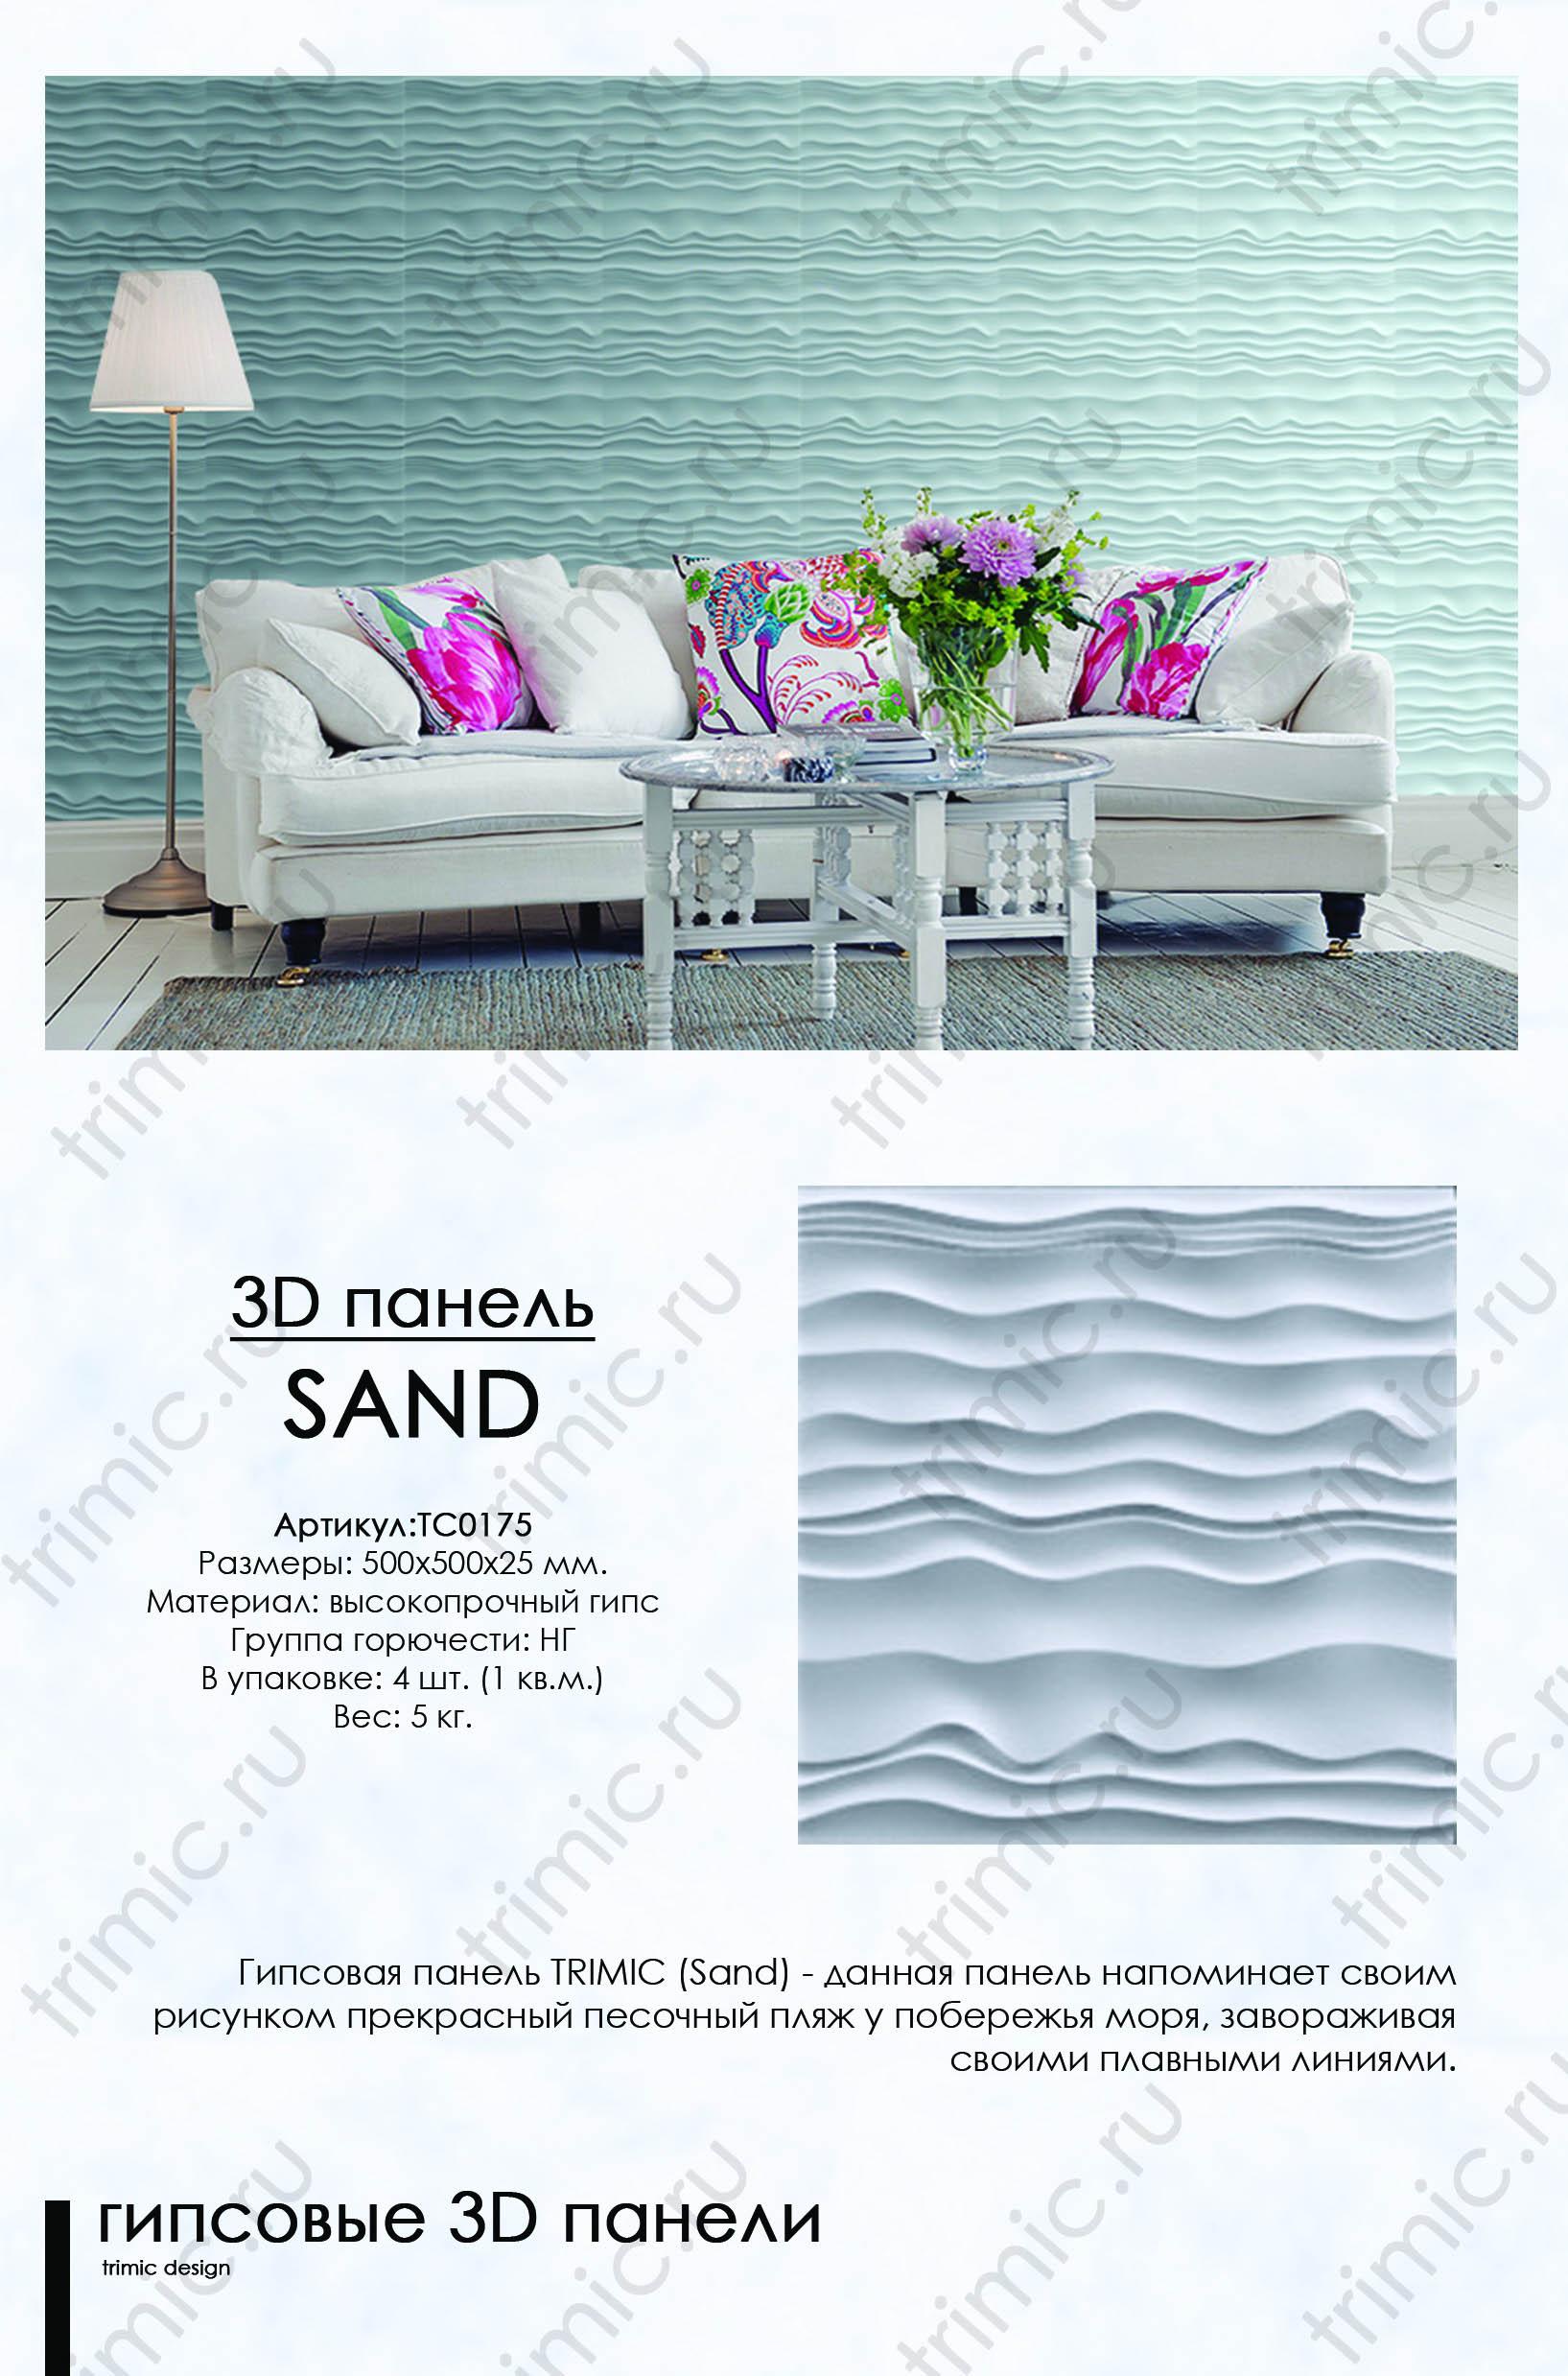 Гипсовые 3D панели Sand – эффектный способ декорирования стен